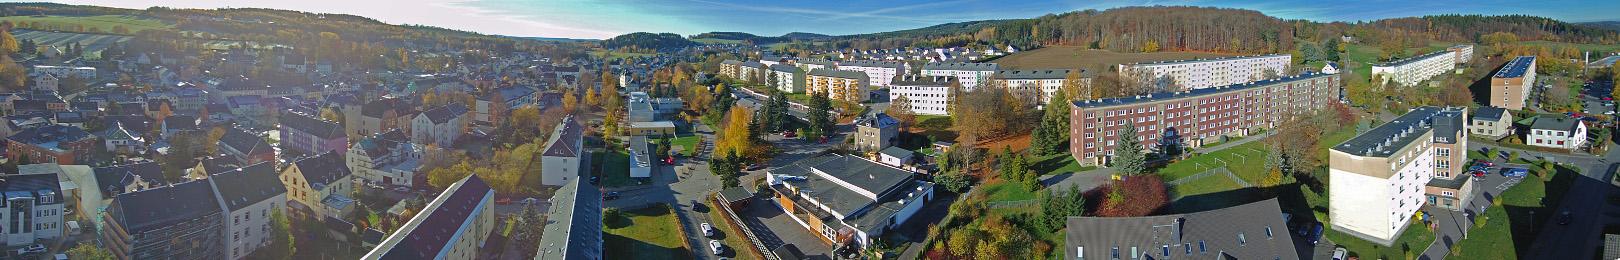 EFH Ehrenfriedersdorf